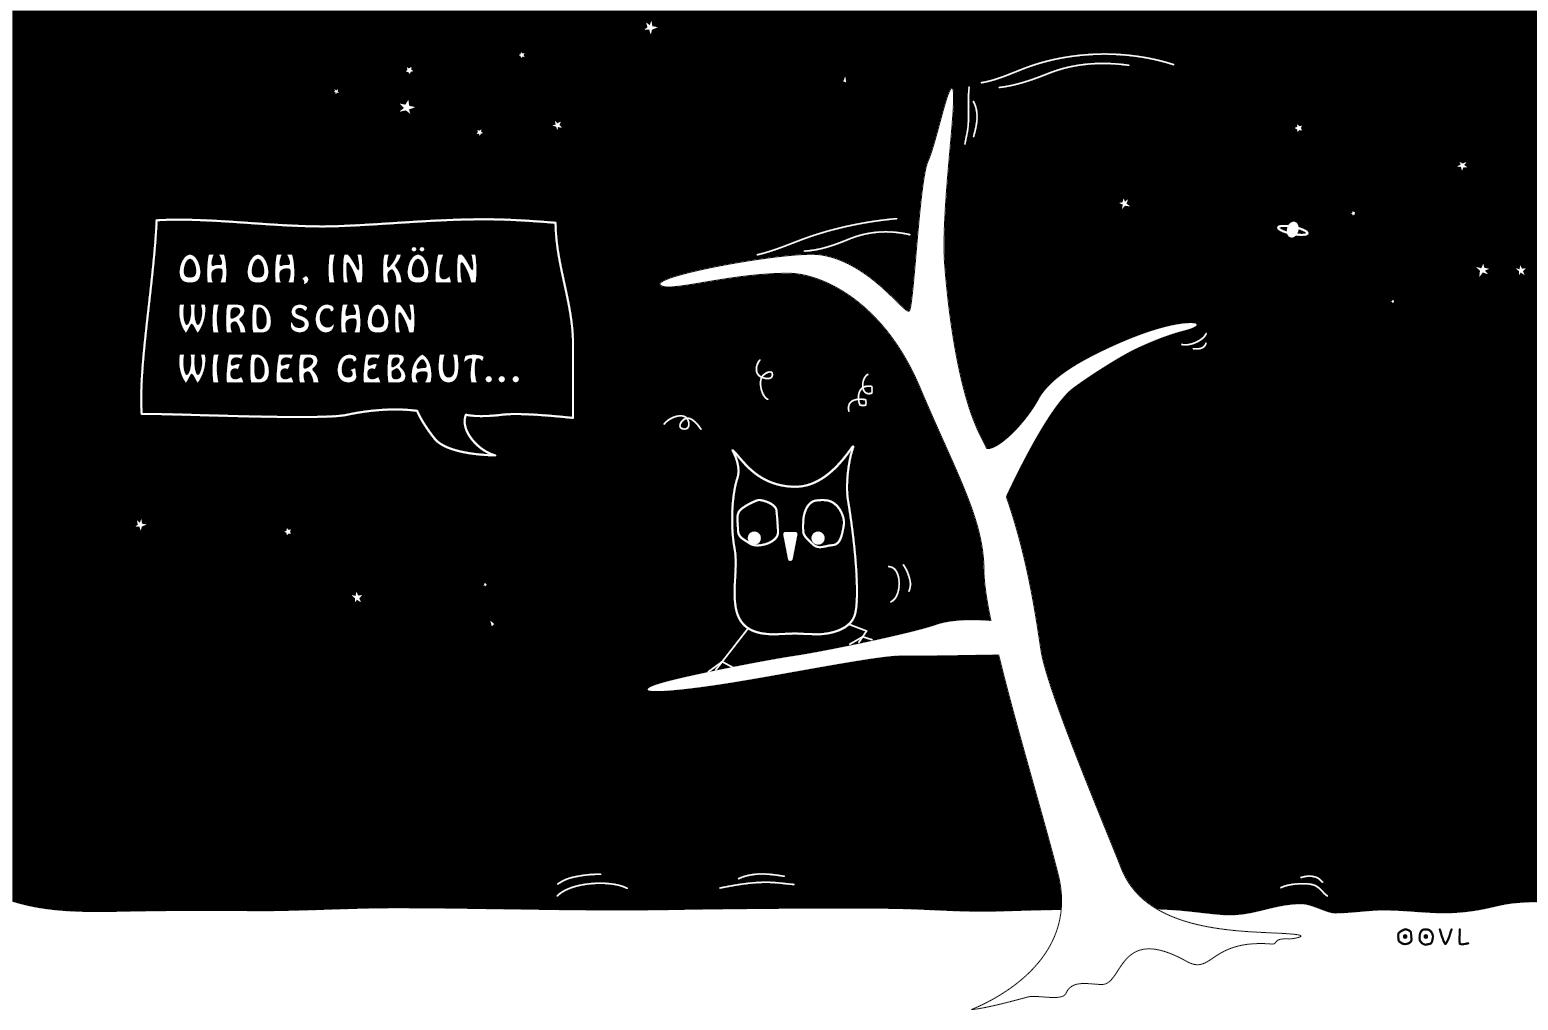 Ein OOVL-Comic von Vera Lesmann über das Bauen in Köln.